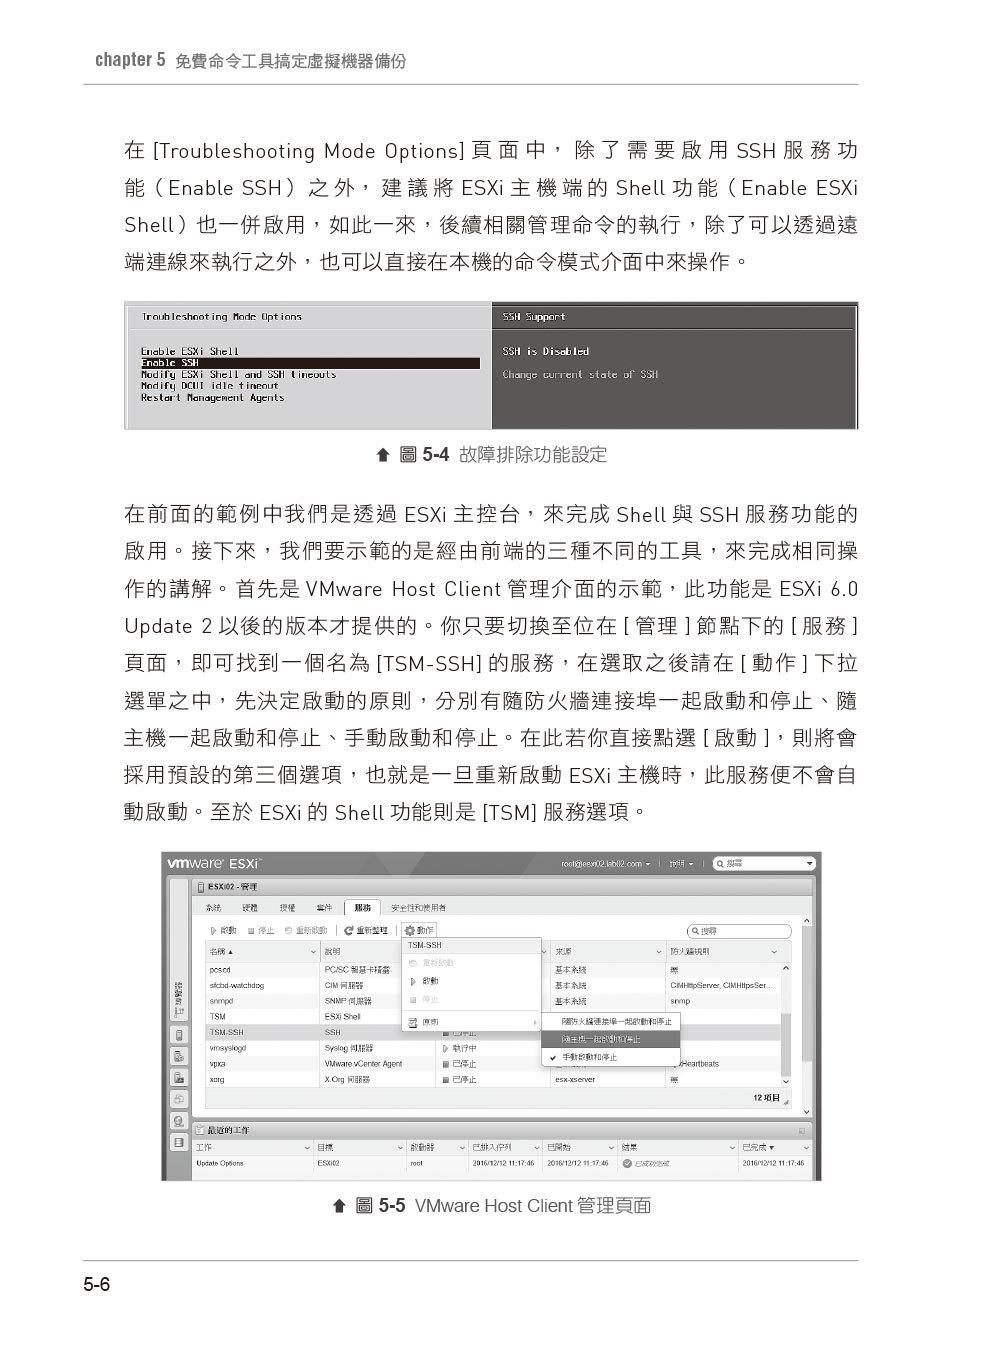 實戰 VMware vSphere 6.x 企業私有雲建置|異地備援x軟體定義儲存x高可用性-preview-6